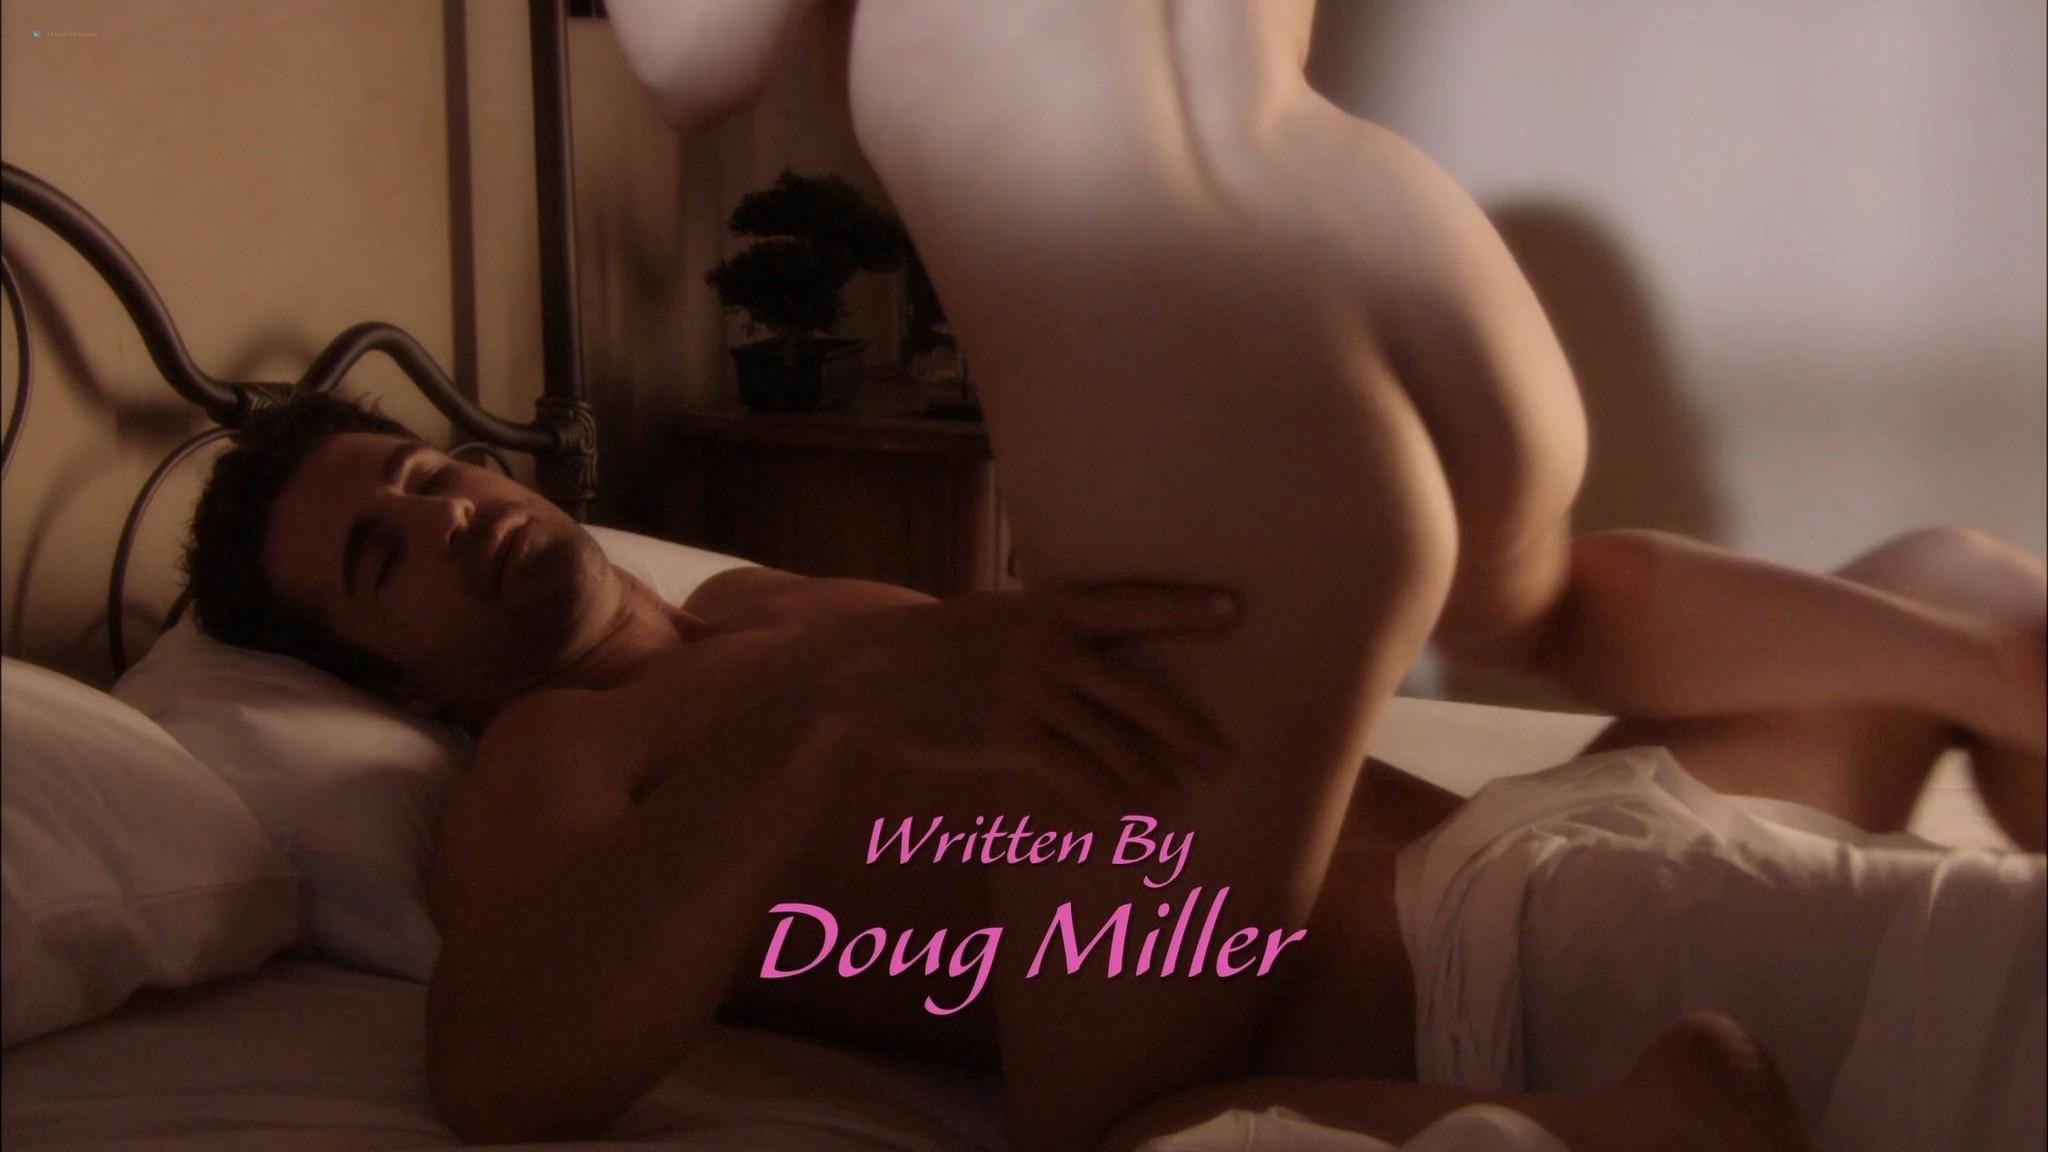 Noelle DuBois nude sex Jennifer Korbin nude sex too Lingerie 209 s2e9 1080p